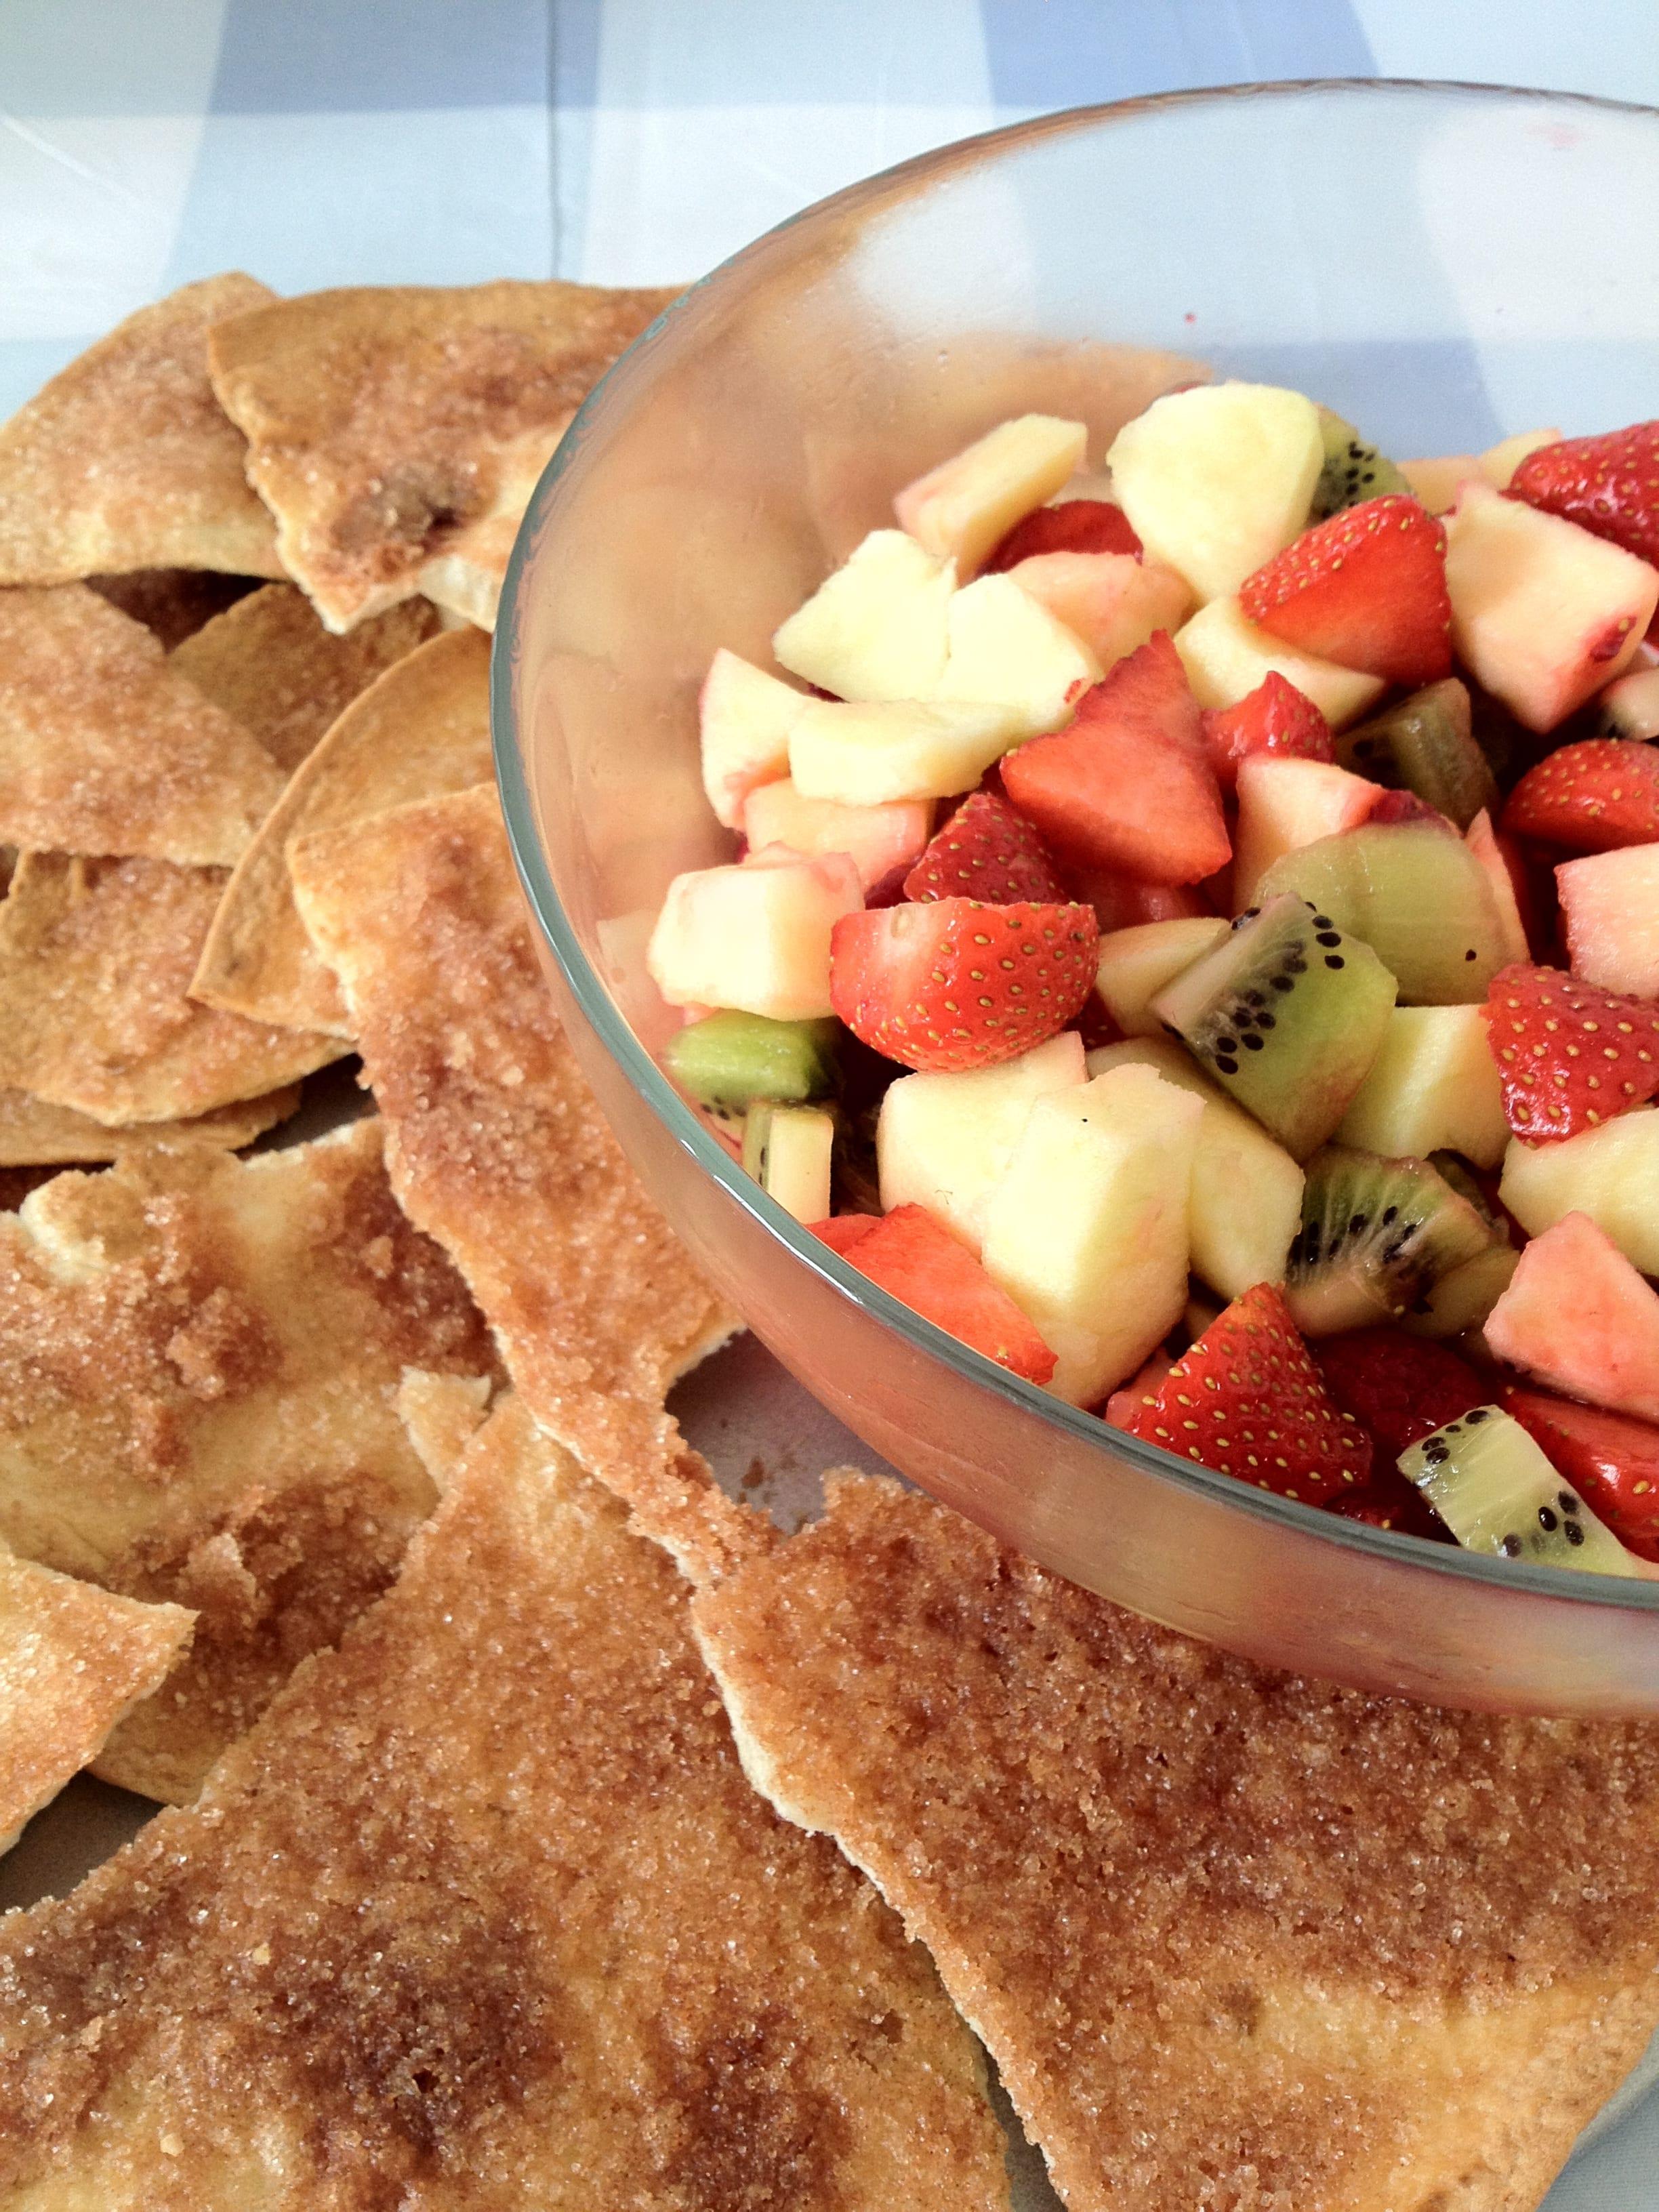 Frisse fruitsalade met zelfgemaakte kaneelchips